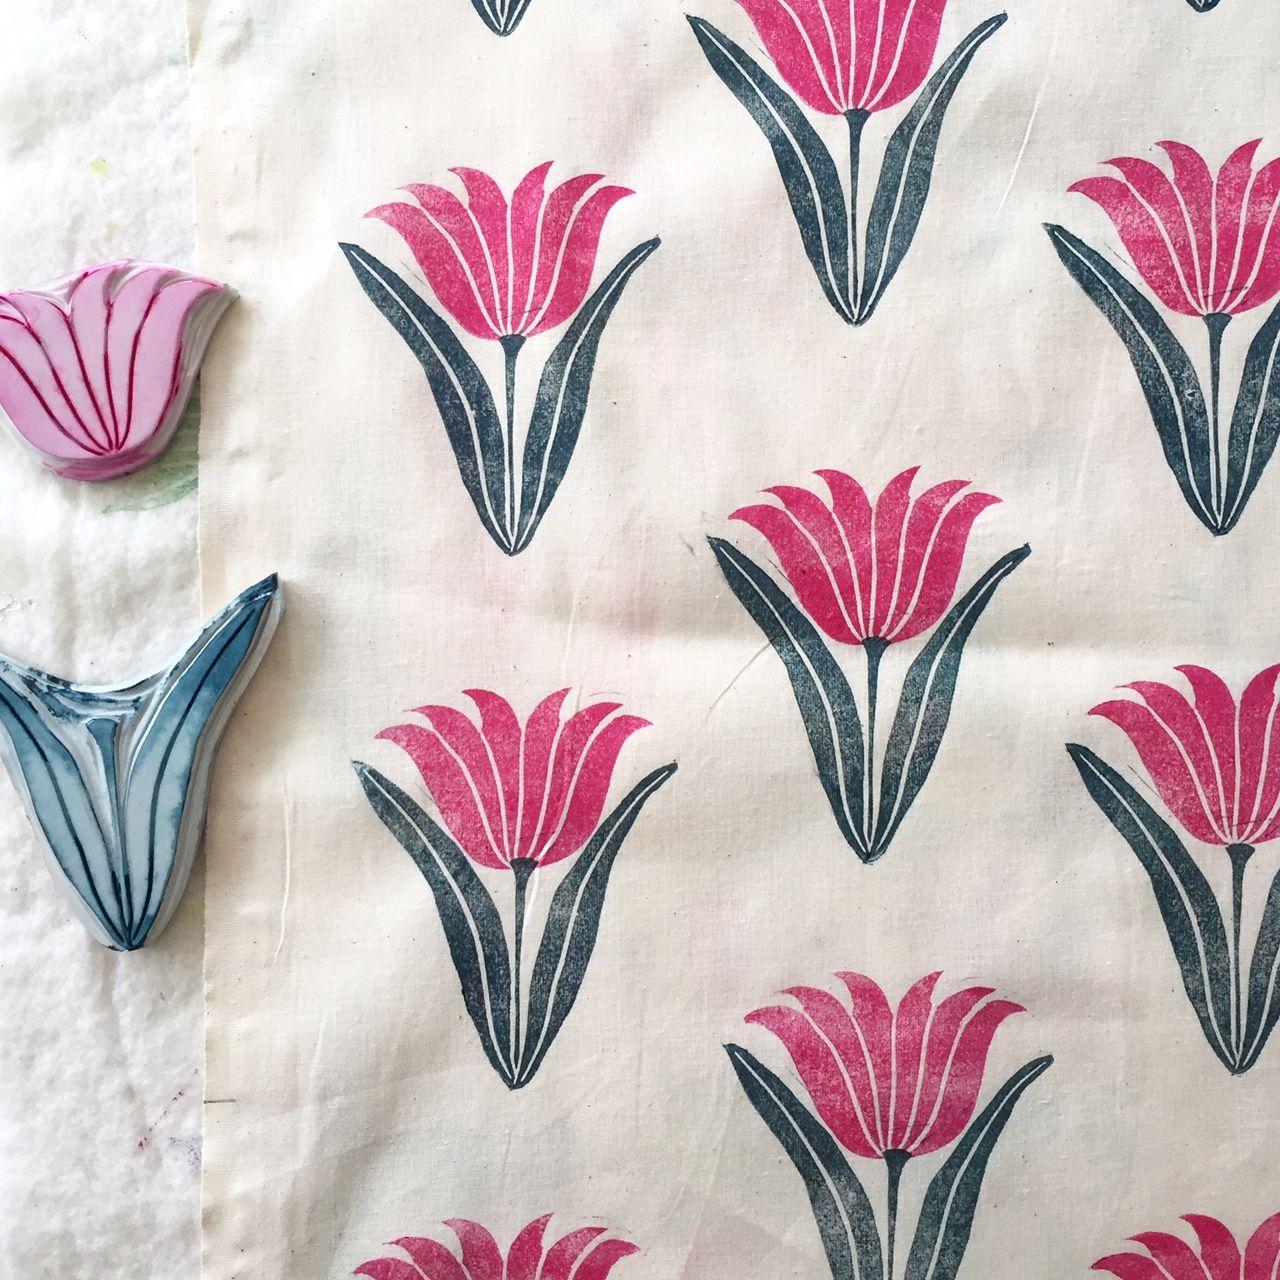 Tulips Print By Jen Hewett Block Printing Fabric Handmade